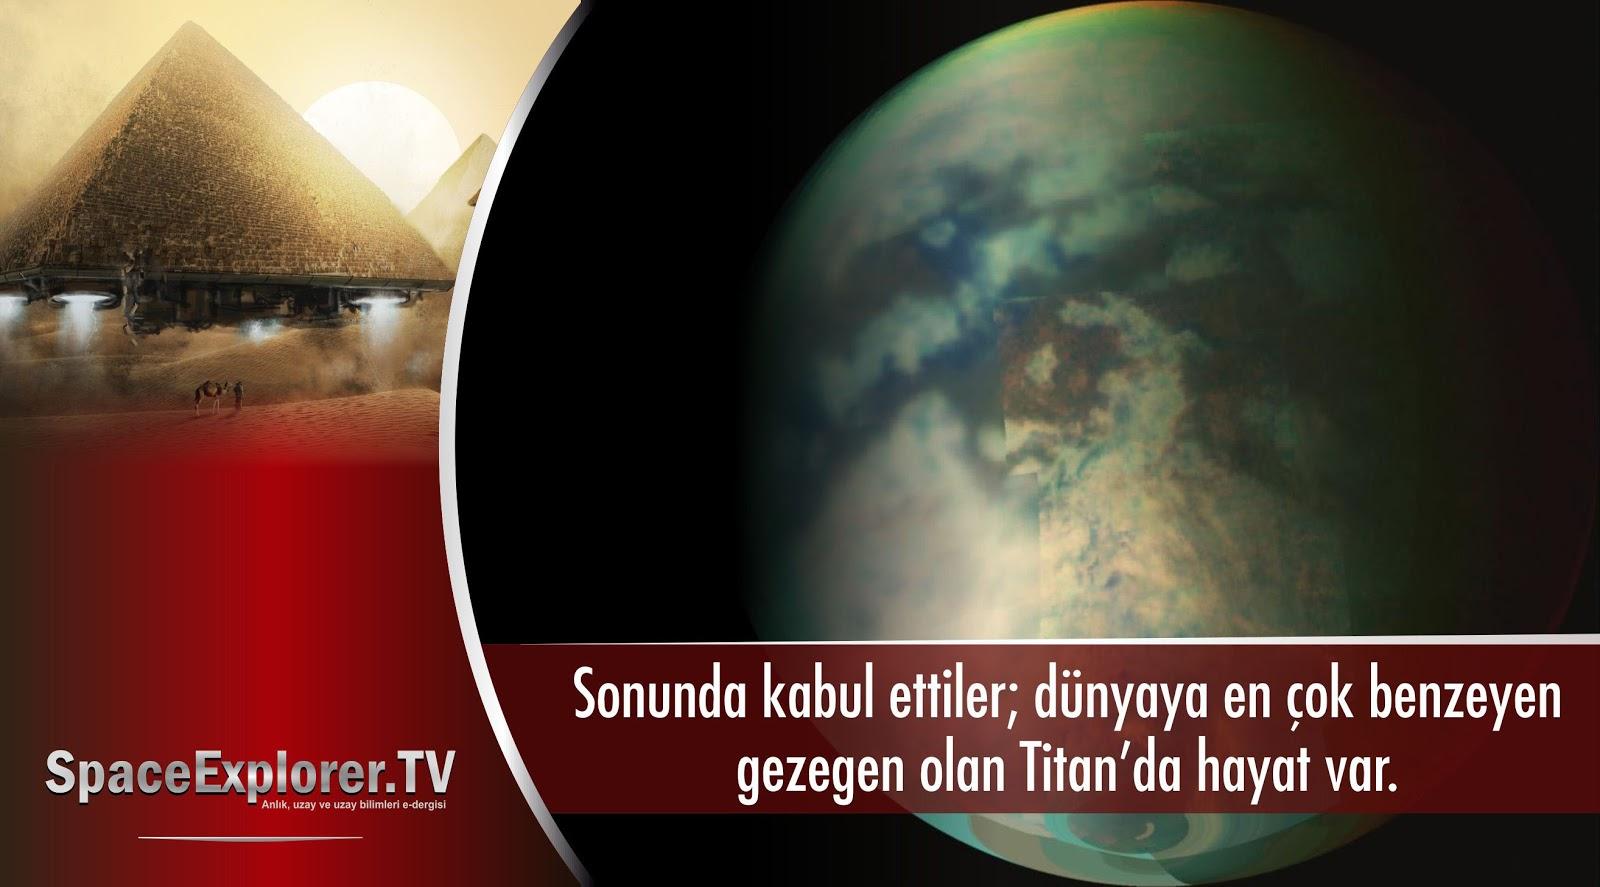 Titan, Güneş sistemi, Hayat olabilecek gezegenler, Uzayda hayat var mı?, Su bulunan gezegenler, Satürn, Satürn'ün uyduları, Güneş sistemimizdeki uydular, Videolar,